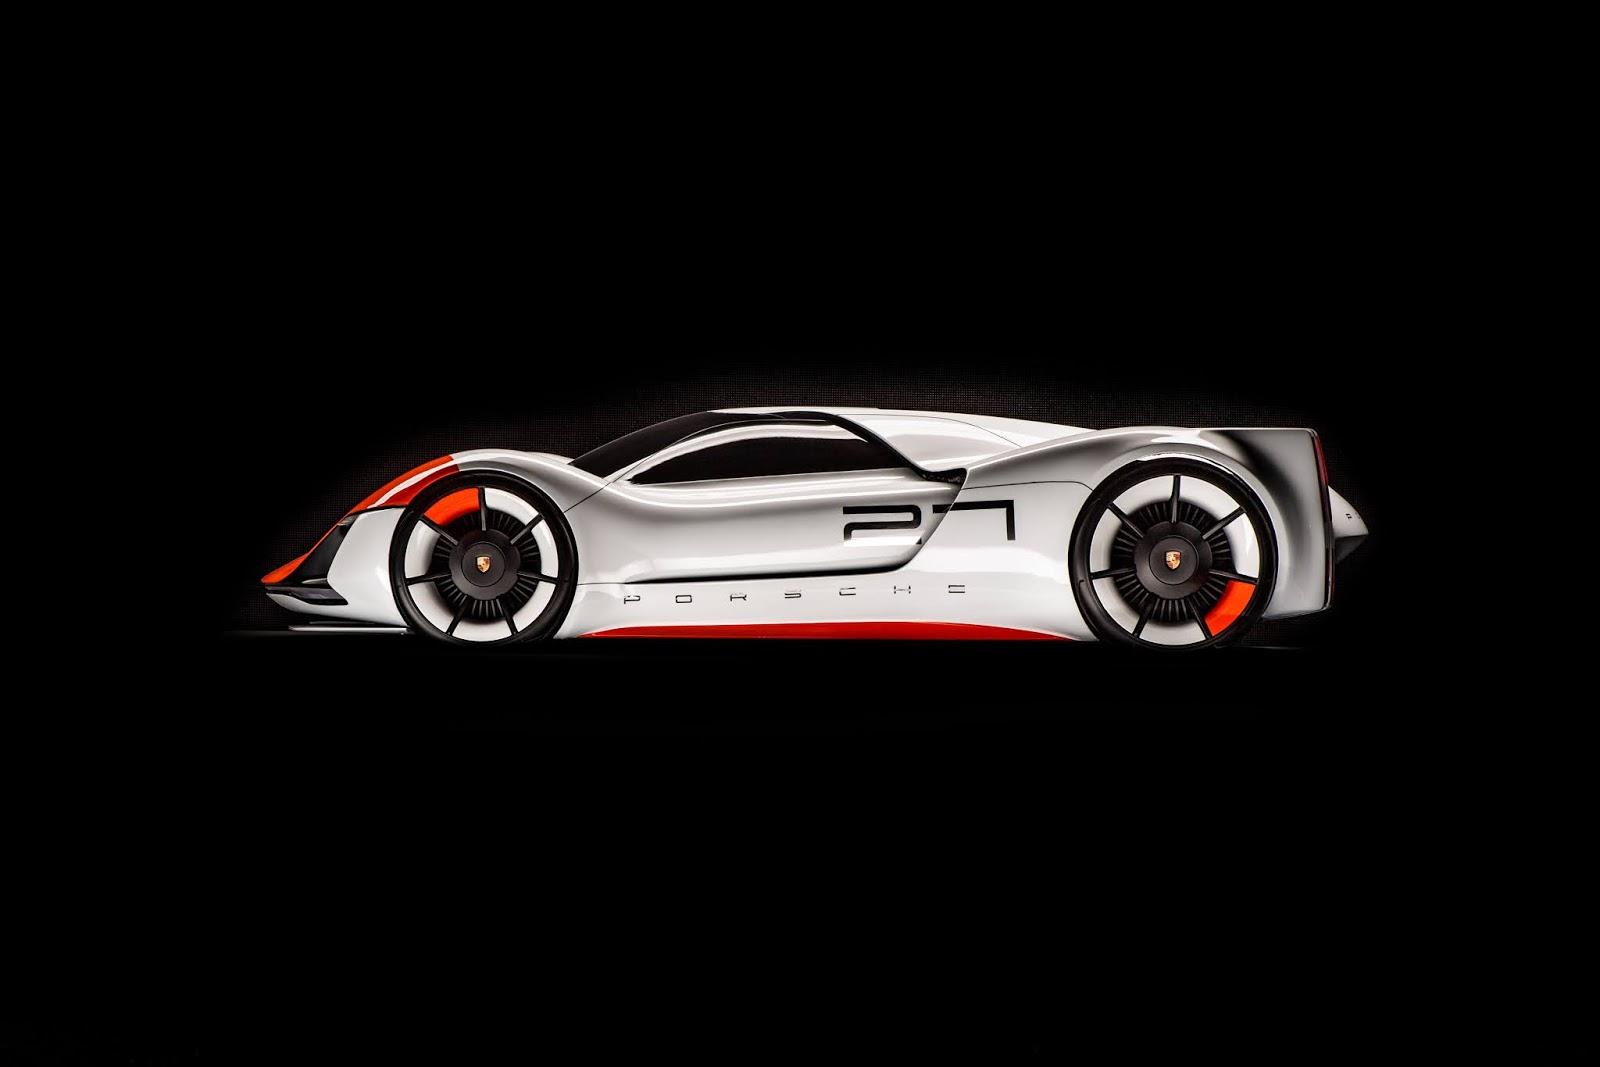 DSC9308 3 Τα άγνωστα Hypercars της Porsche hypercar, Porsche, Porsche Unseen, Sunday, supercar, supercars, zblog, ειδήσεις